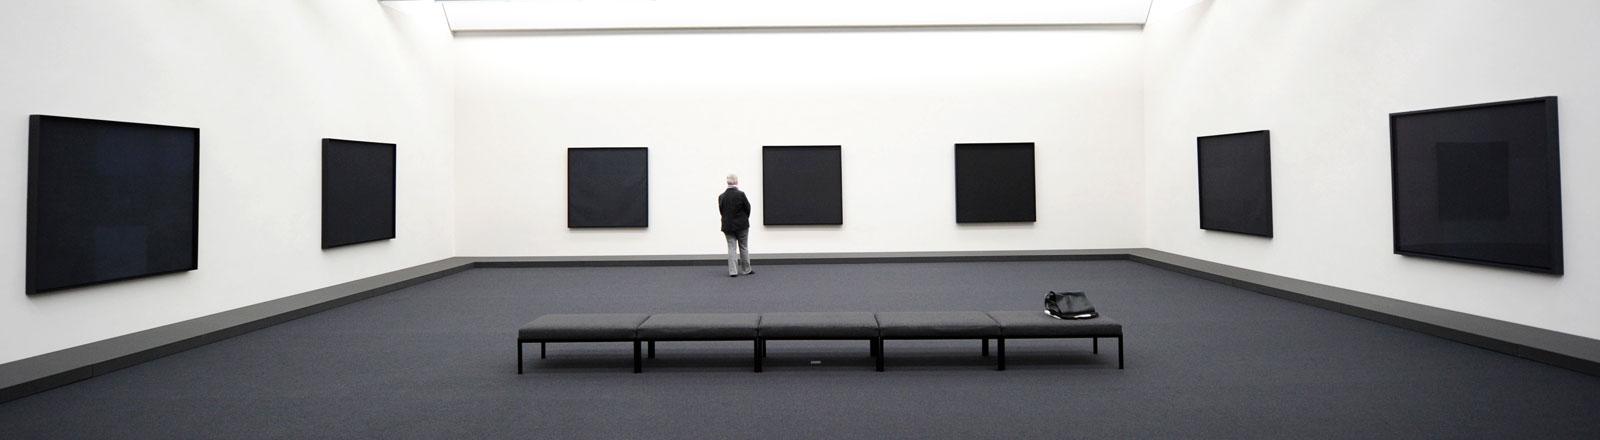 Eine Frau steht am Freitag (24.09.2010) vor Bildern des US-Konstruktivisten Ad Reinhardt im Josef Albers Museum Quadrat in Bottrop.